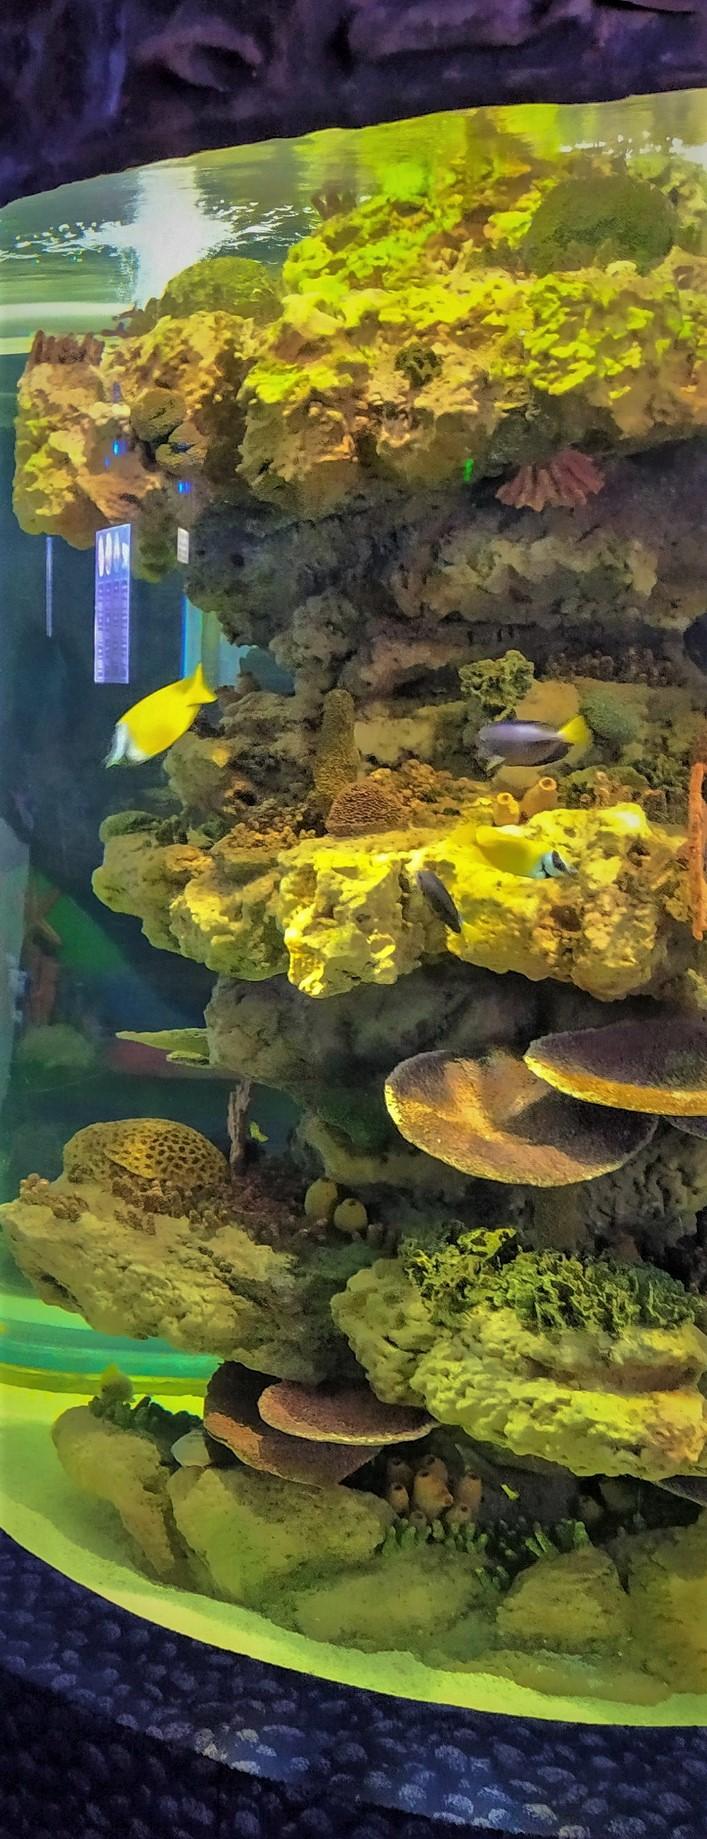 ЦСО Ailand особо знаменит своим океанариумом, единственным в мире, удаленным от океана более чем на 3000 км! Здесь даже акулы плавают…